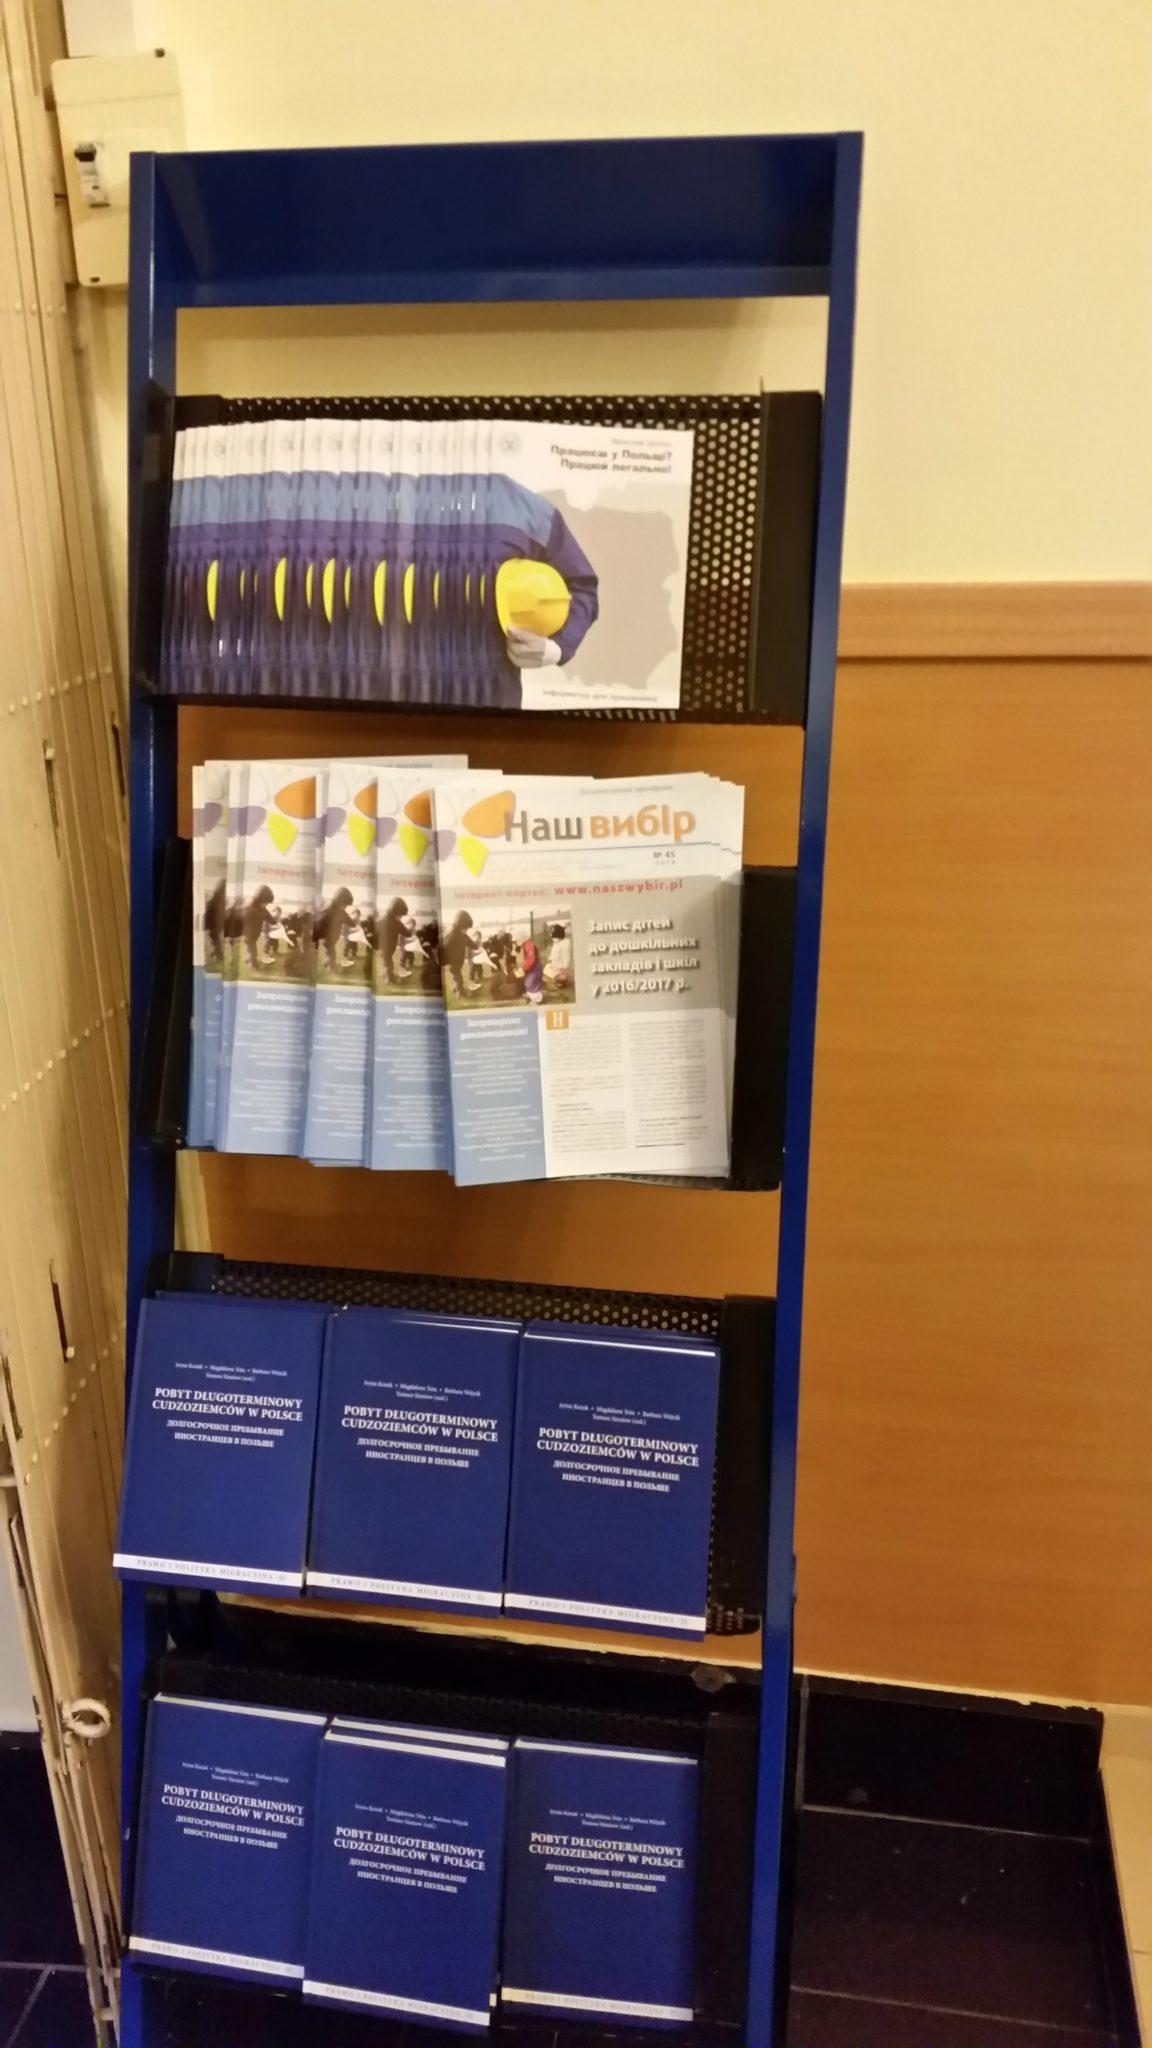 Інформаційний стенд з літературою і газетами